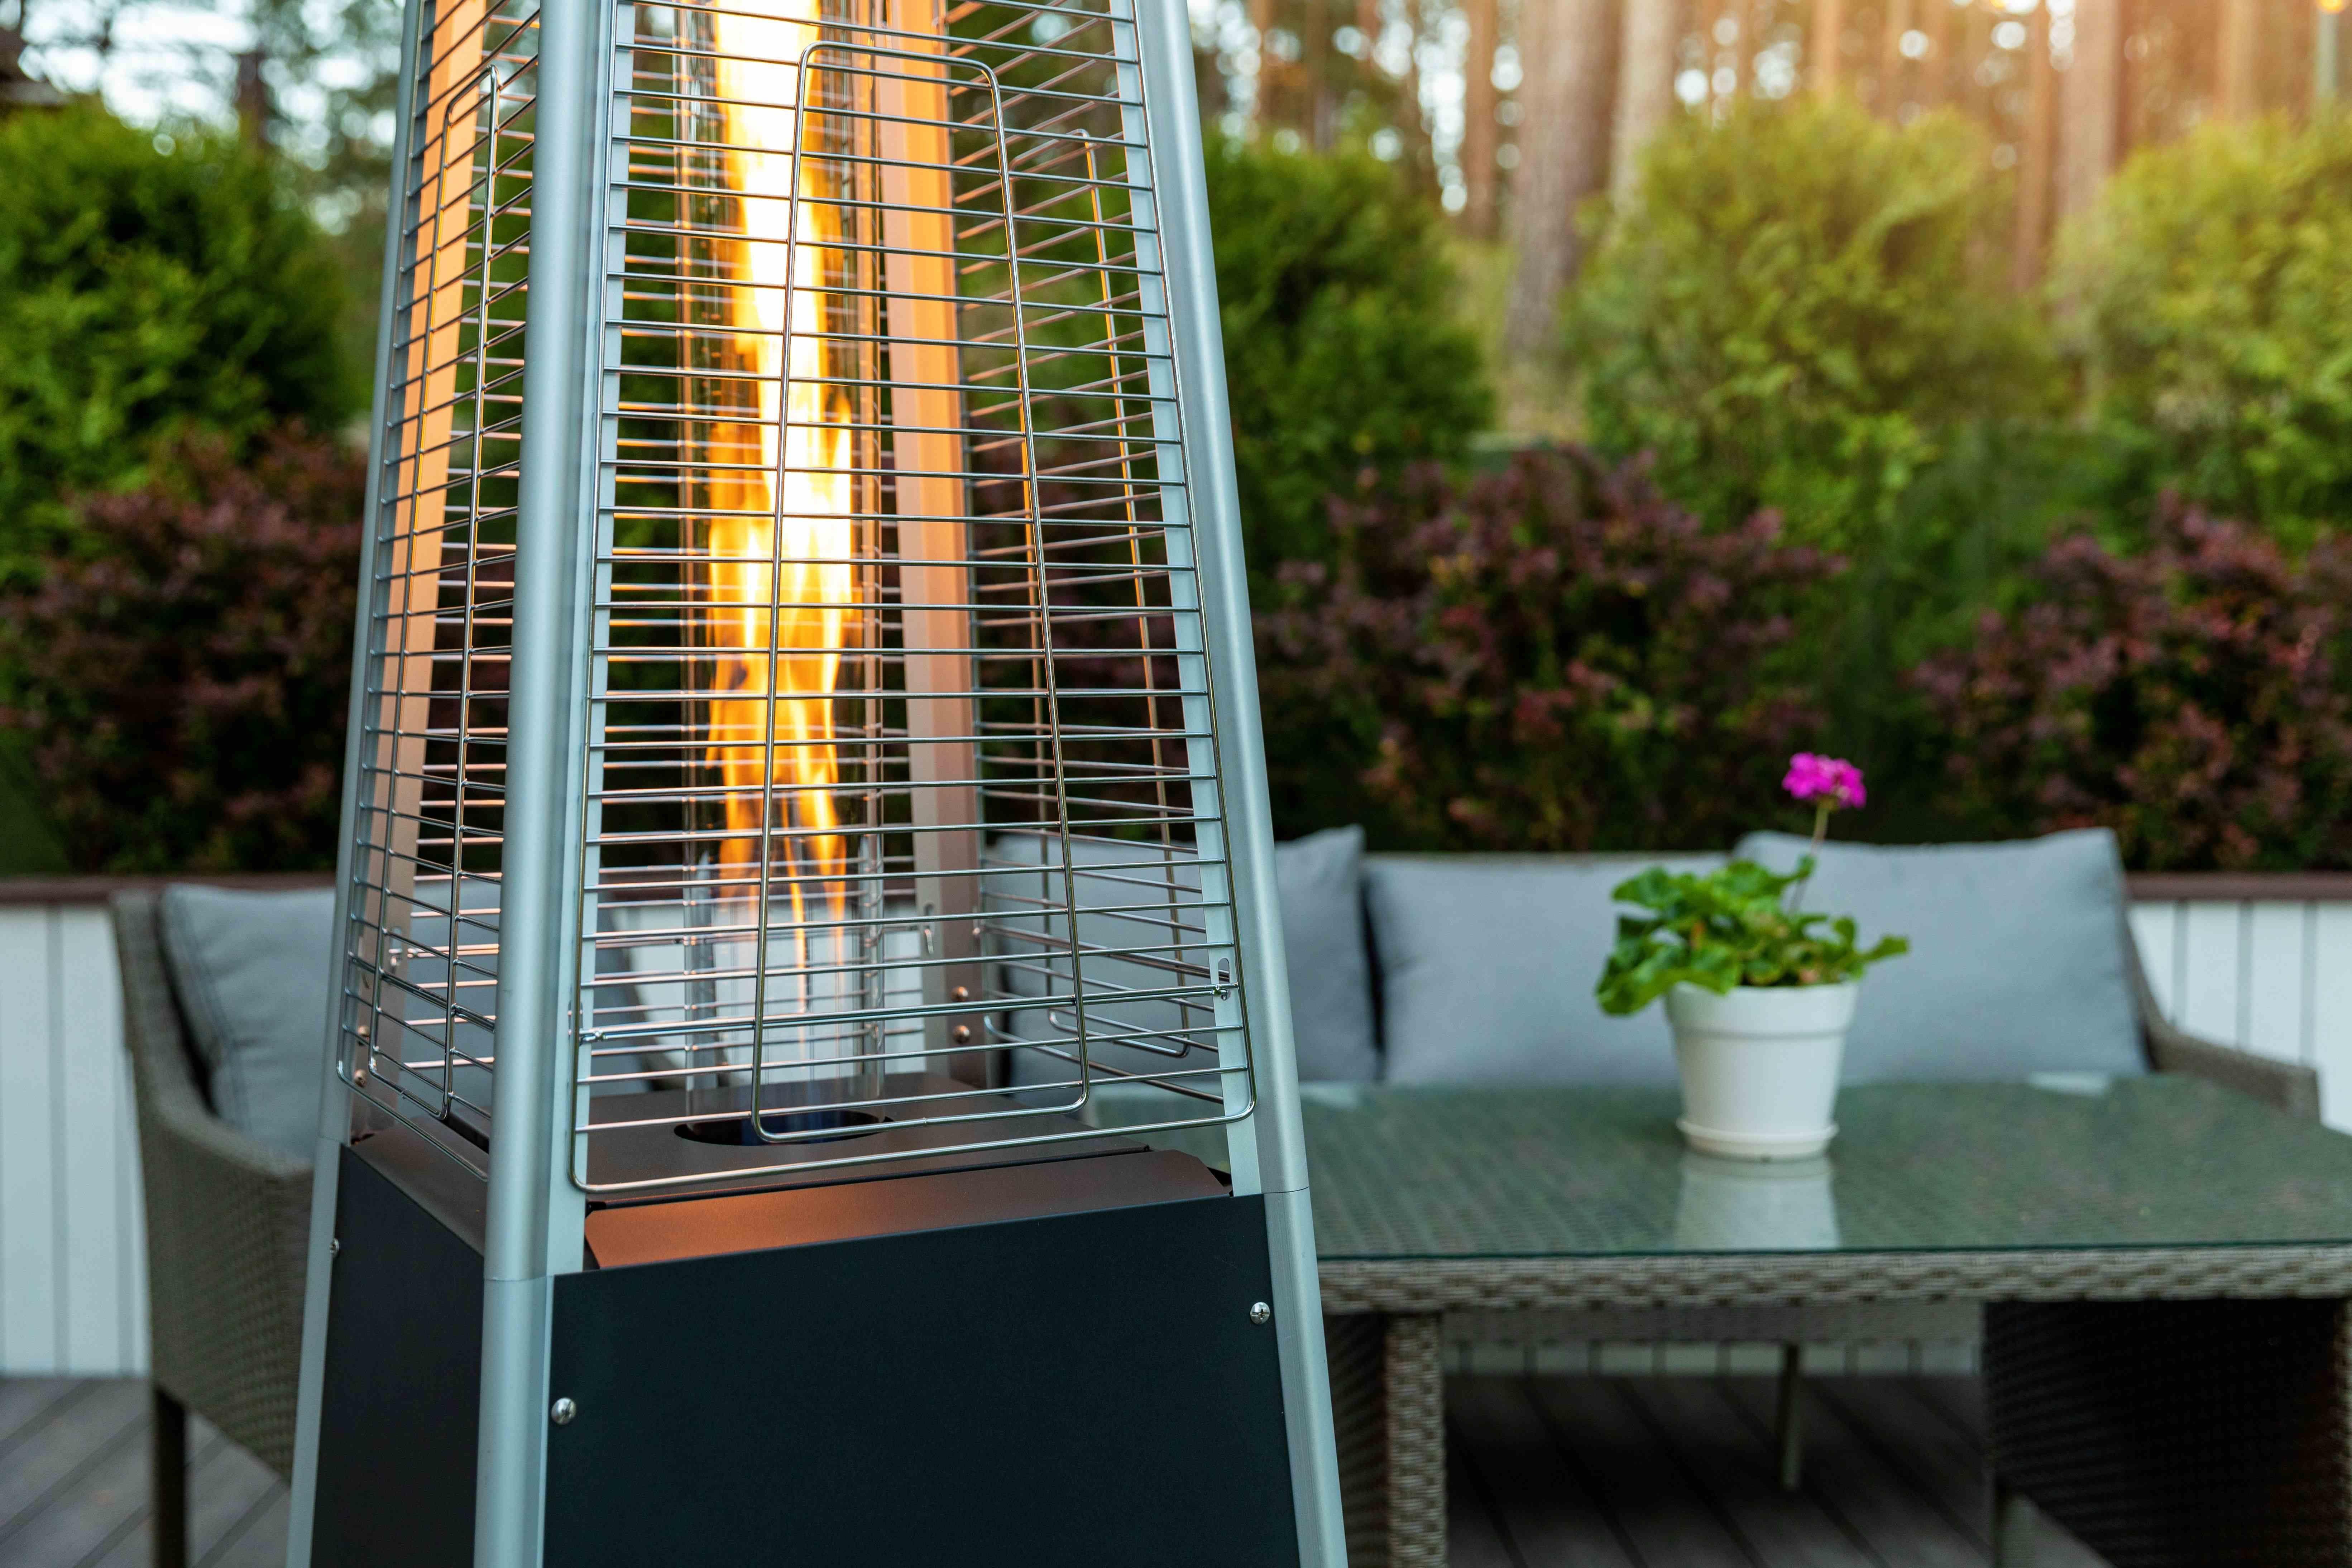 Riscaldamento da esterno: i principali riscaldamenti per terrazzo